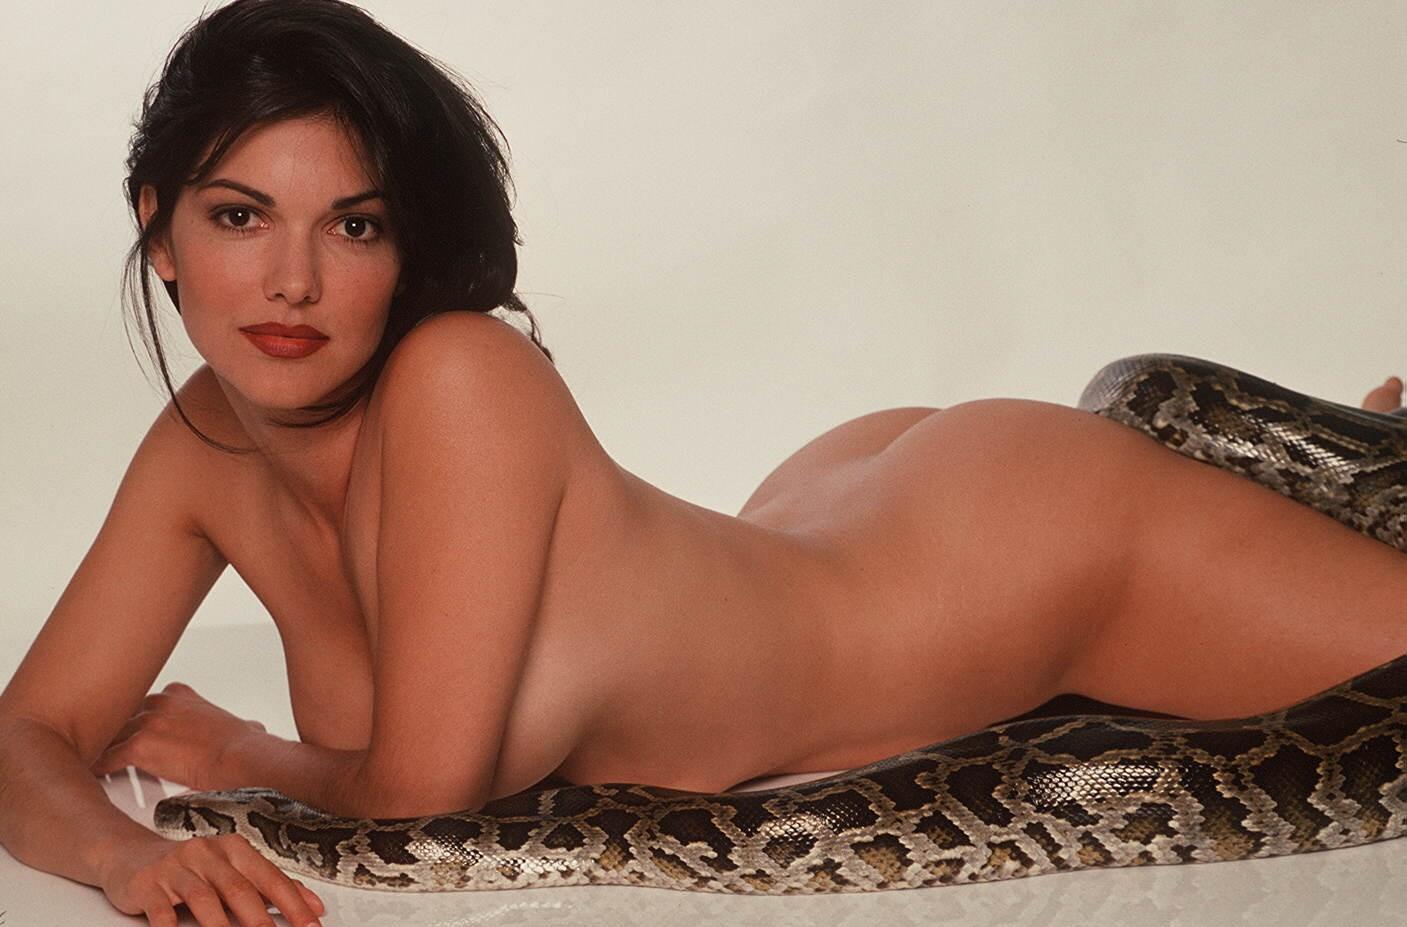 Nude photos of pat benatar